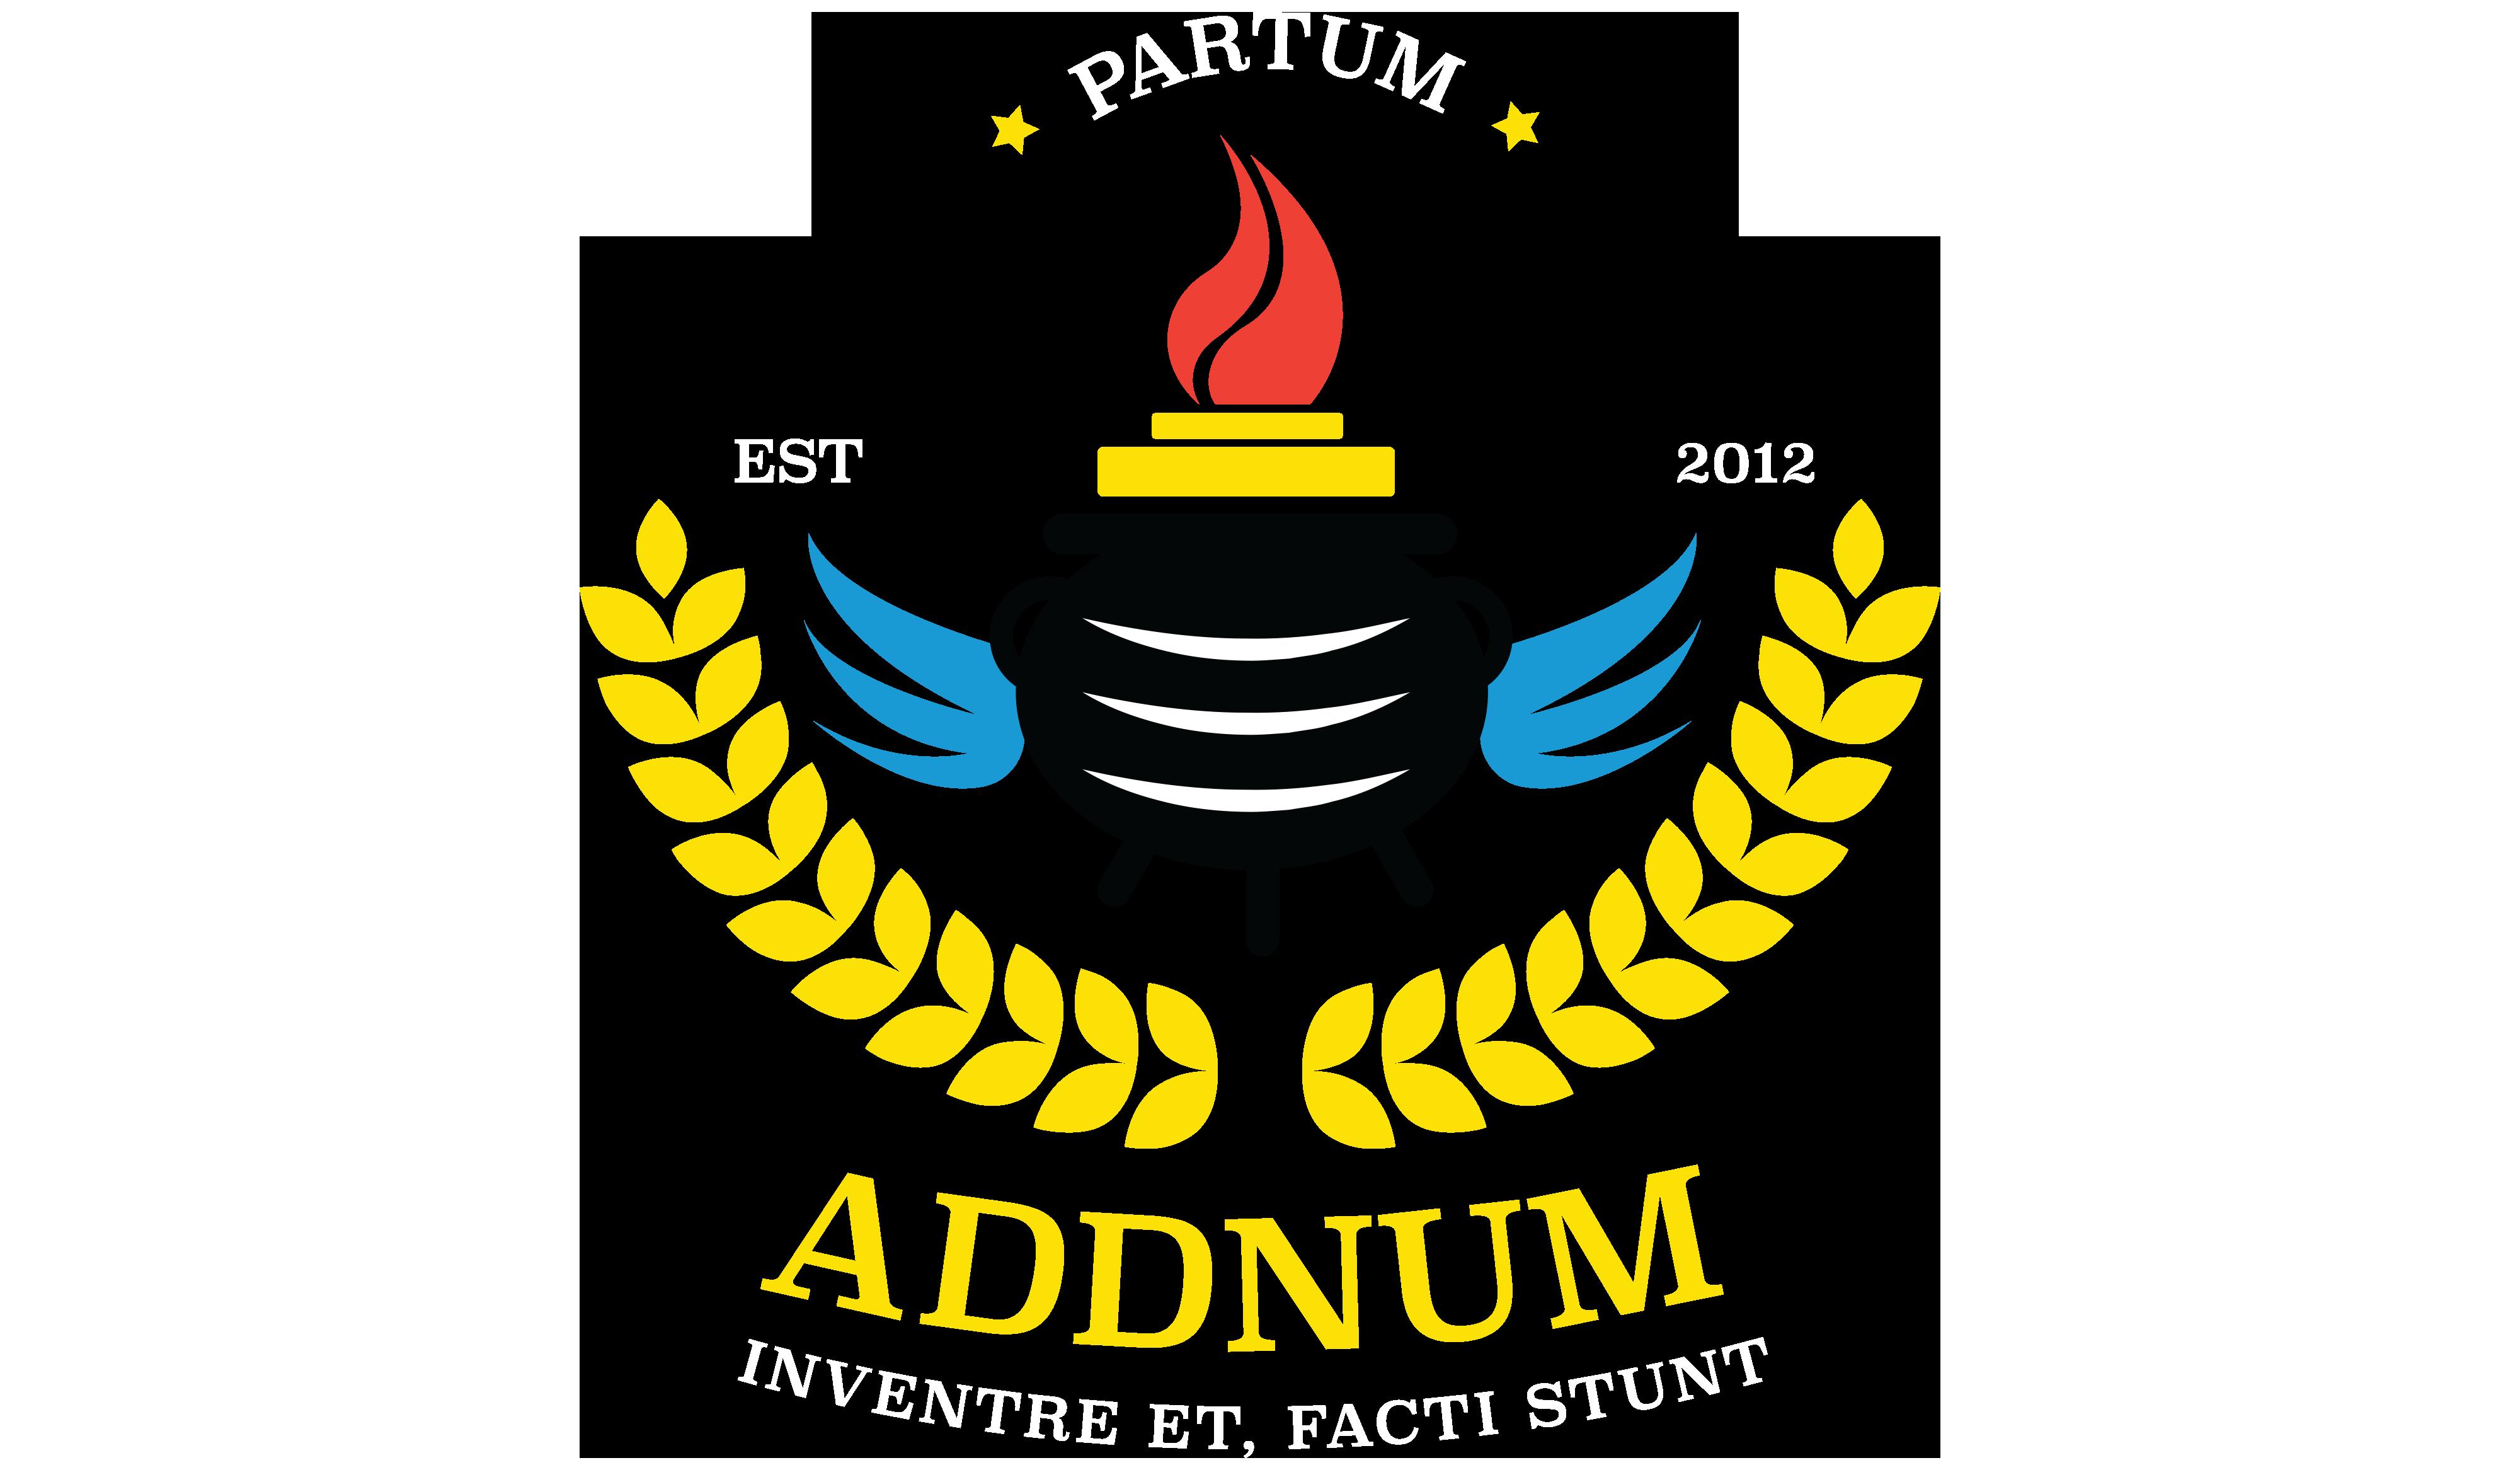 ADDNUM